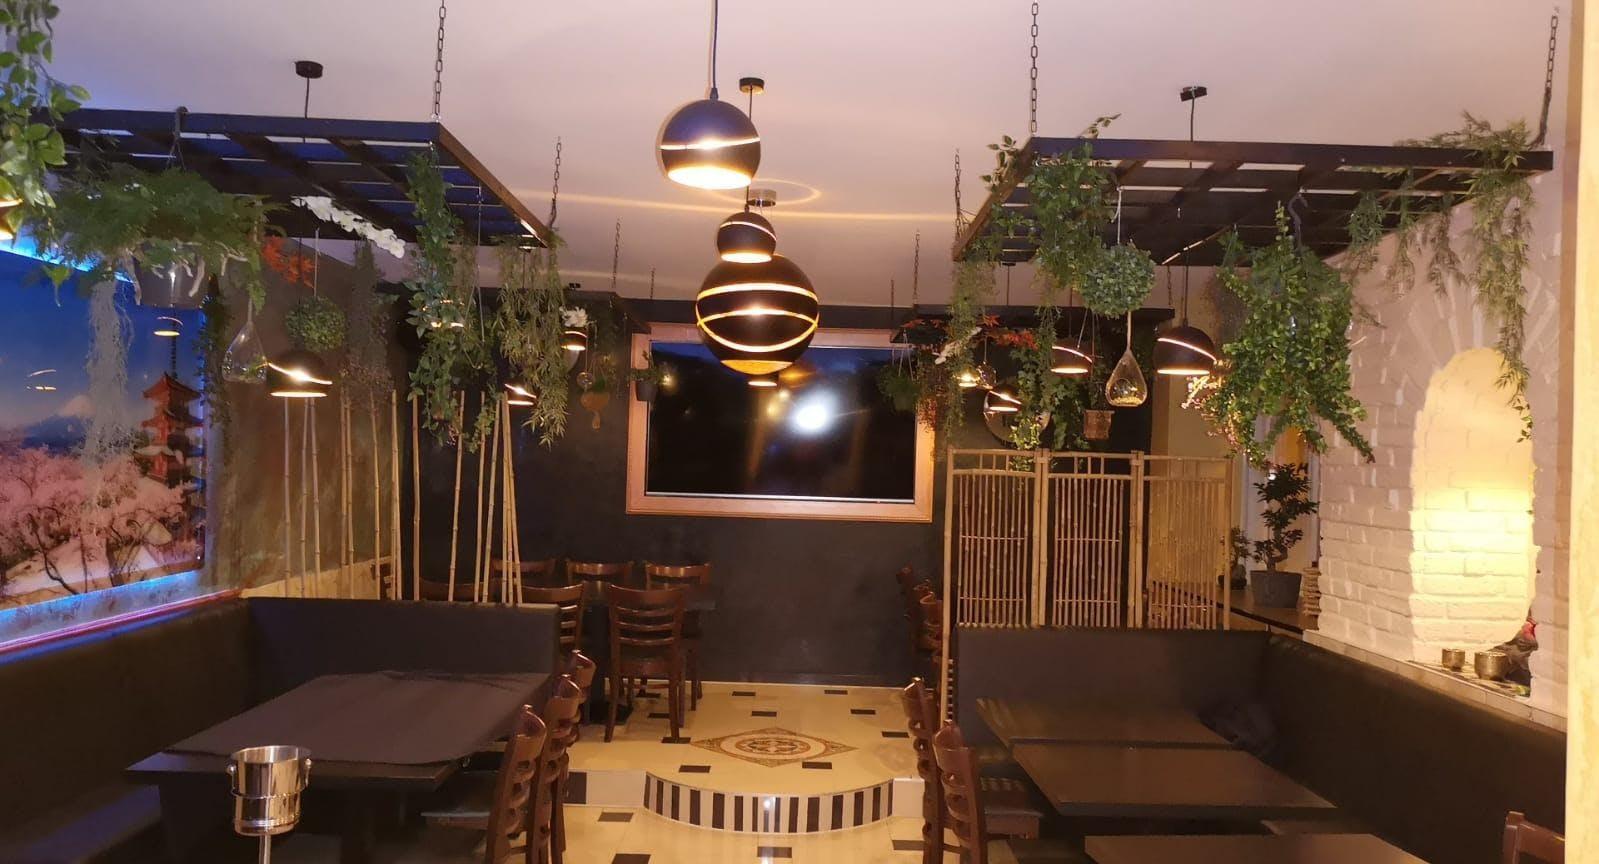 Tanoshii 2 Cologne image 2